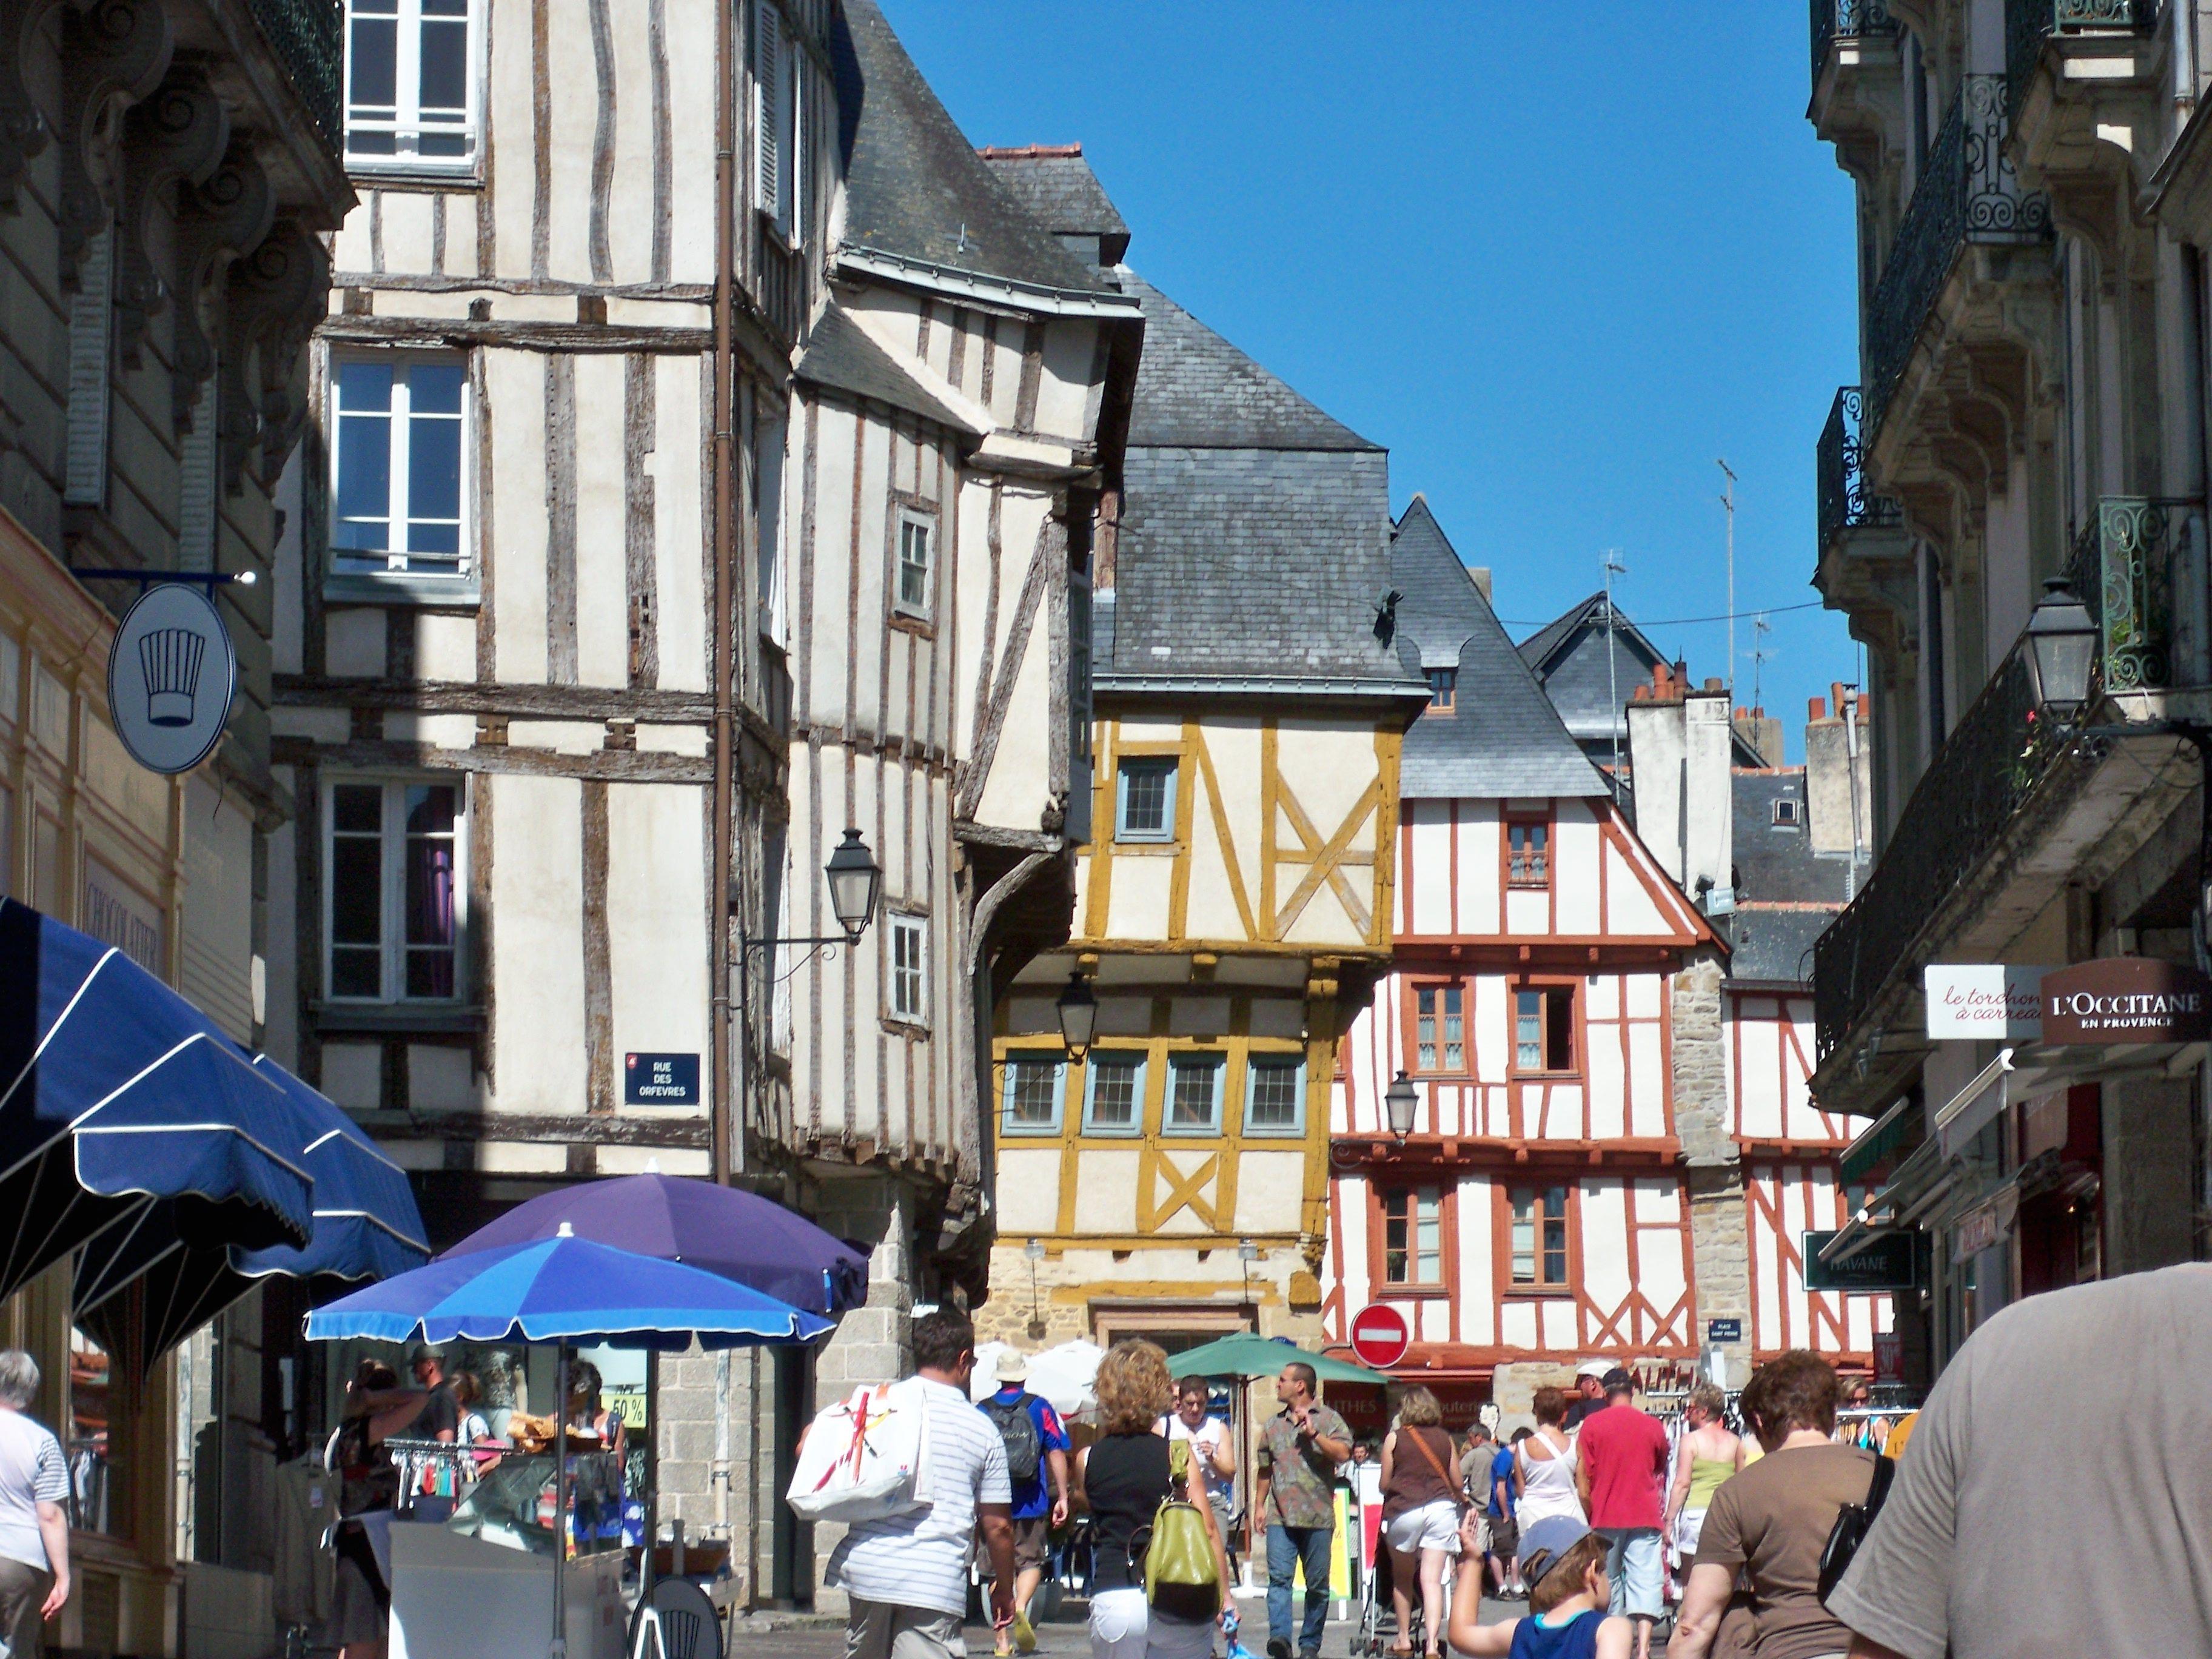 Excursion Au Marche De Vannes Dans Le Morbihan En Bretagne